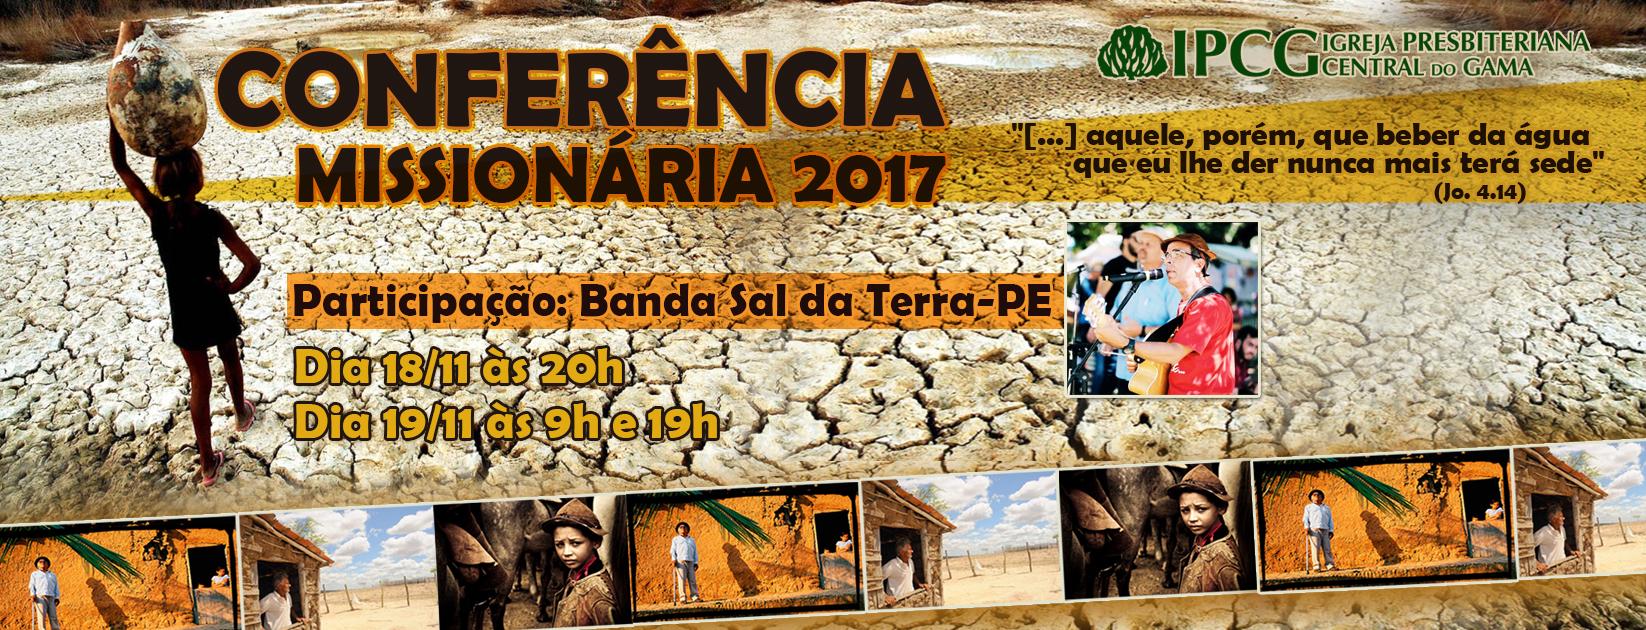 CONFERÊNCIA-MISSIONÁRIA-2017-1